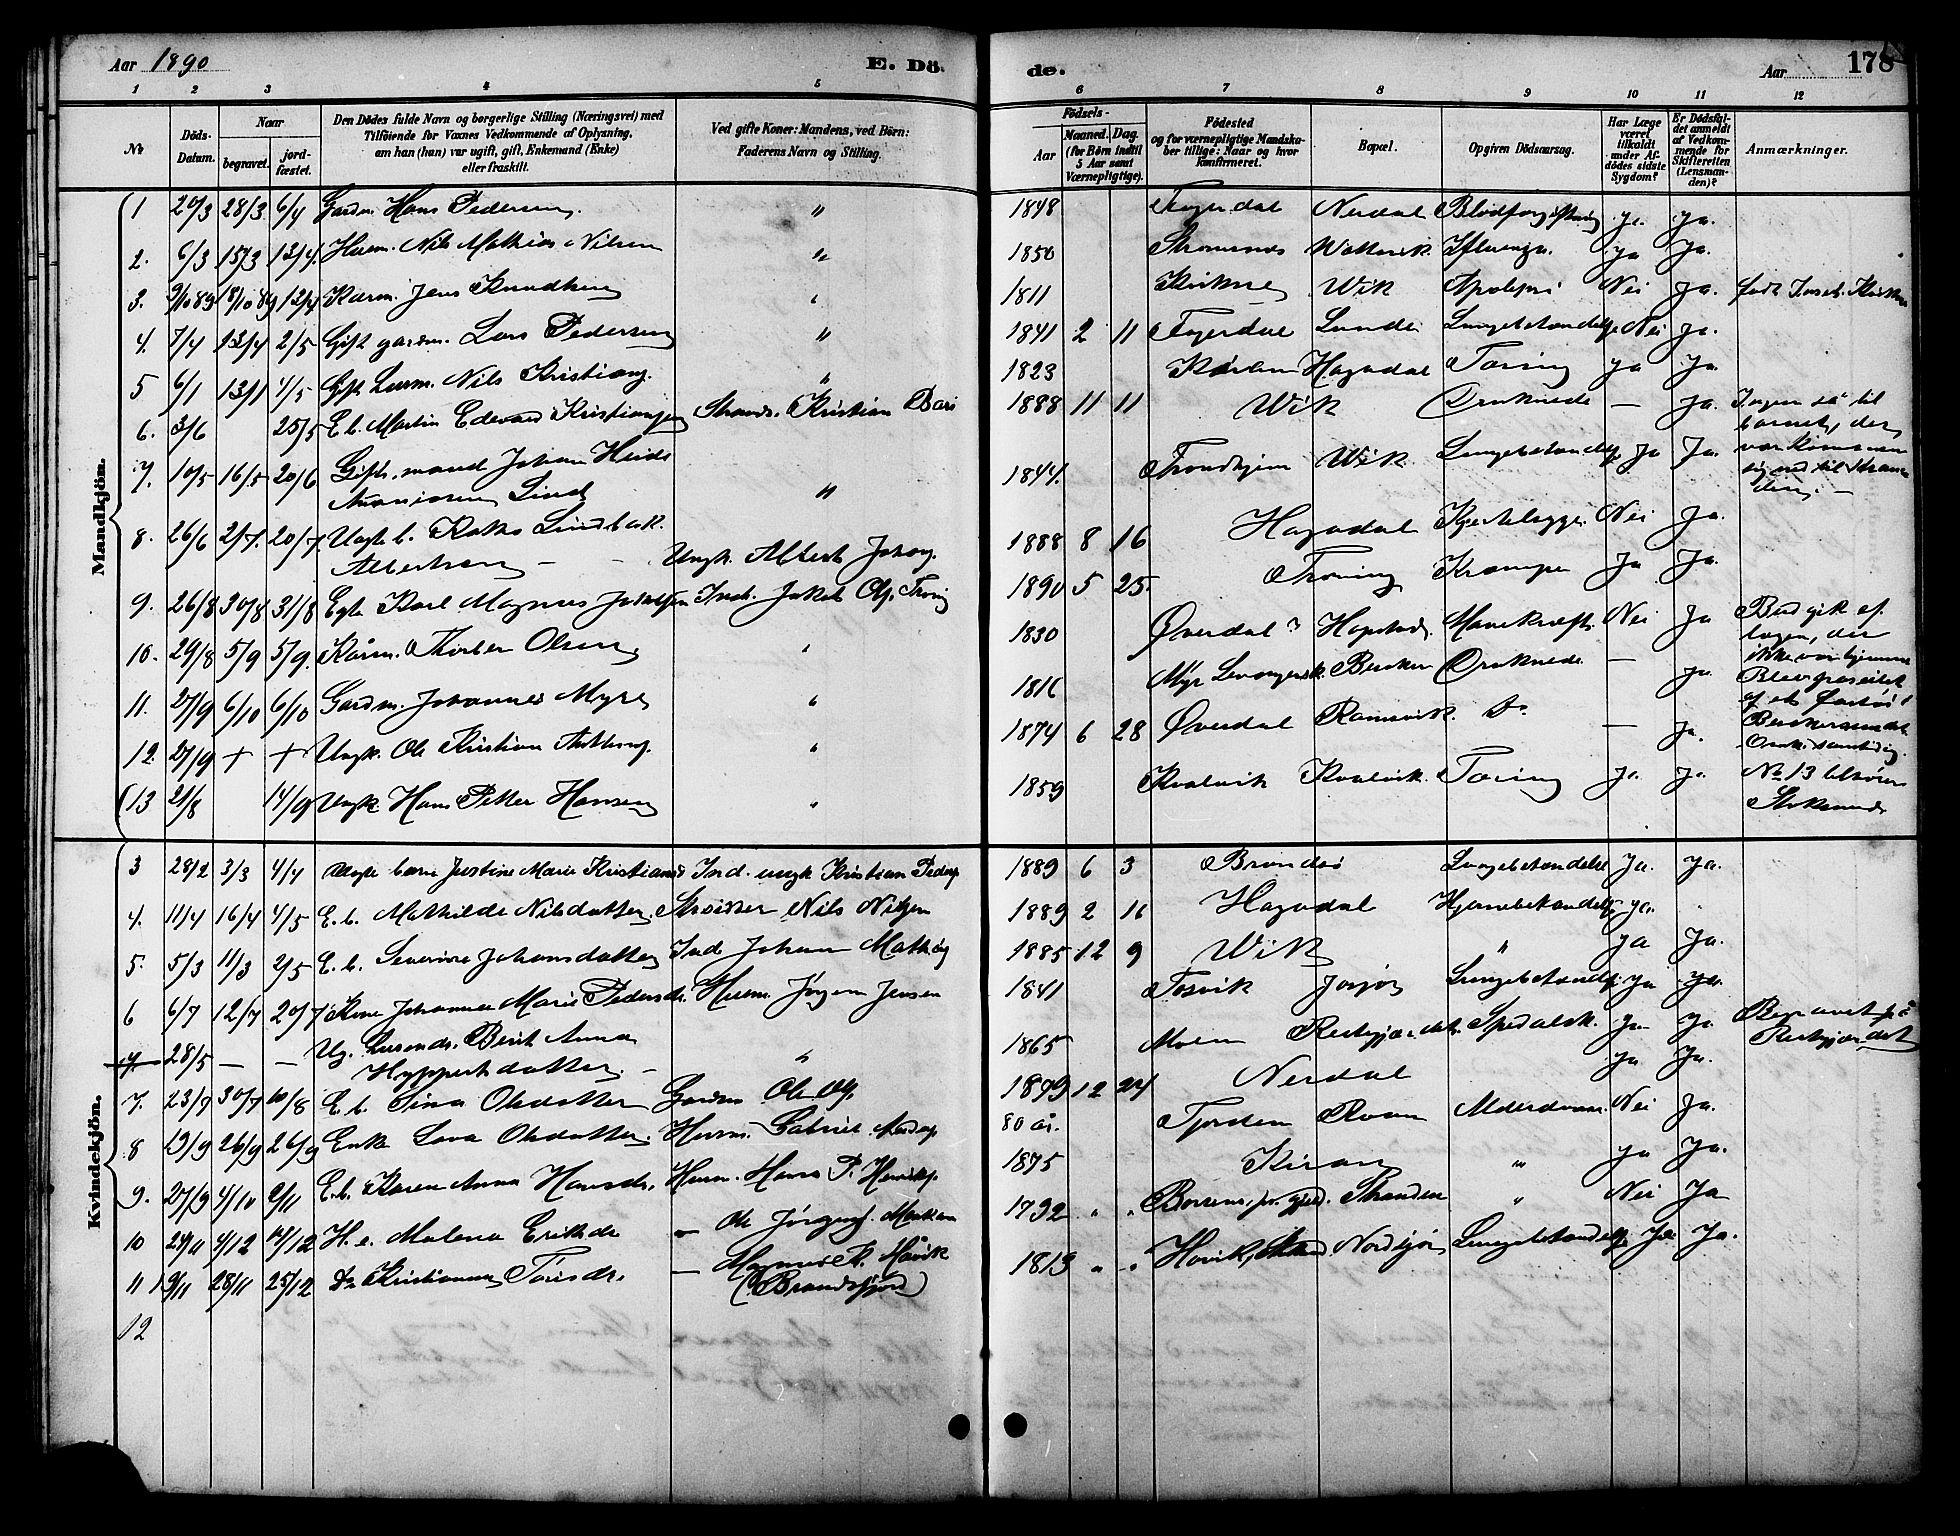 SAT, Ministerialprotokoller, klokkerbøker og fødselsregistre - Sør-Trøndelag, 657/L0716: Klokkerbok nr. 657C03, 1889-1904, s. 178